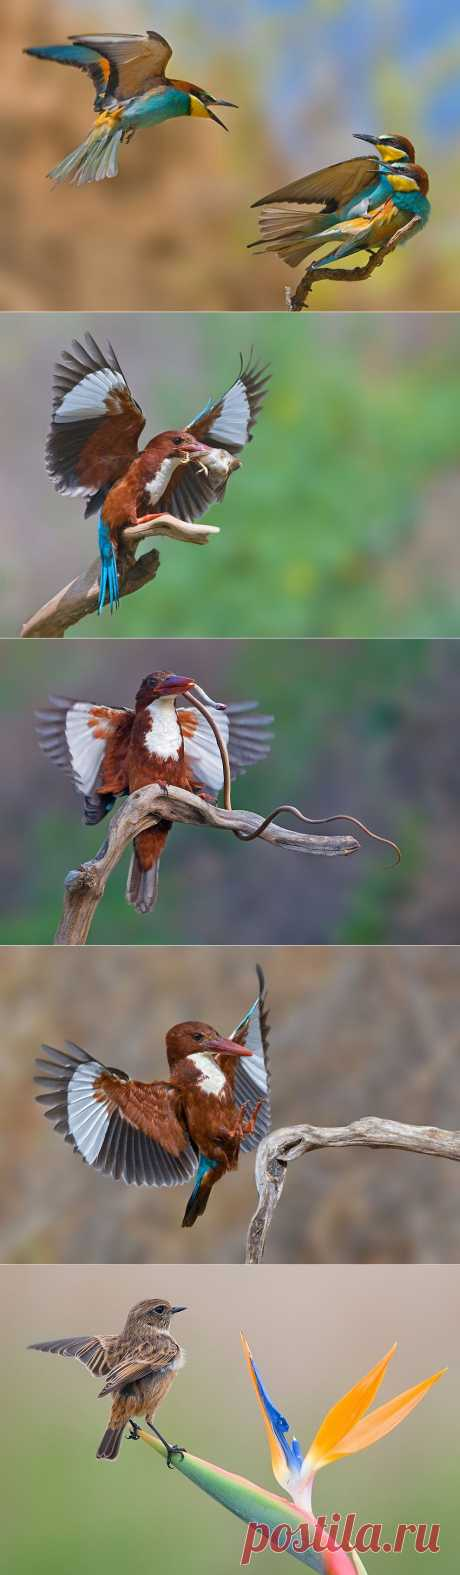 Удивительные фотографии птиц Яки Зандера :  НОВОСТИ В ФОТОГРАФИЯХ